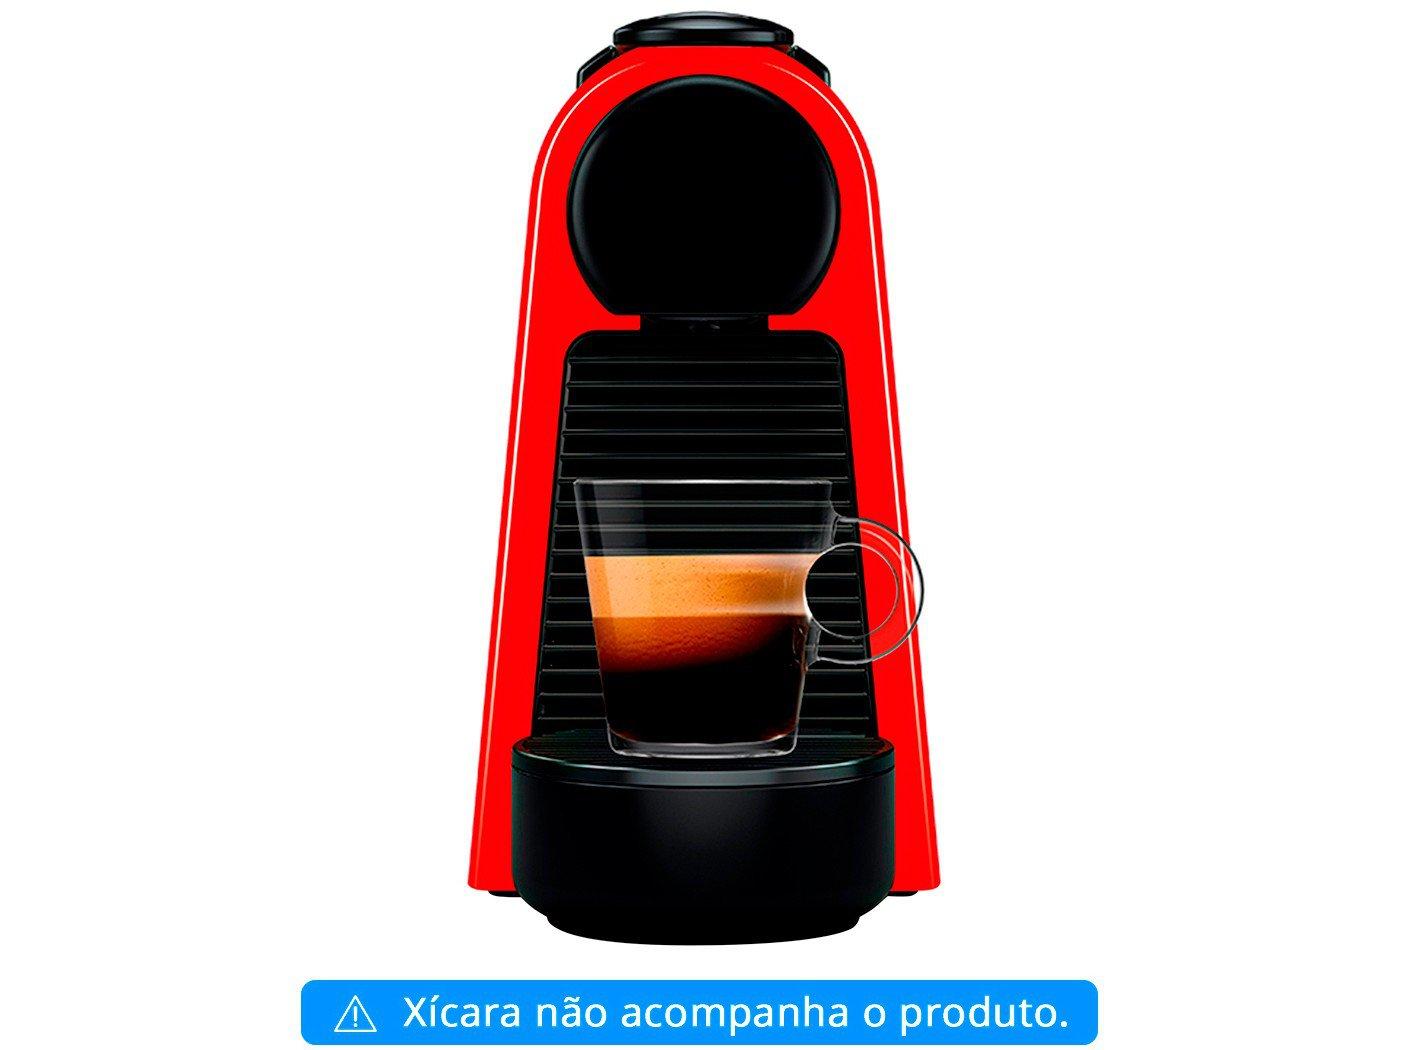 Máquina de Café Nespresso Essenza Mini D30 com Kit Boas Vindas - Vermelha - 110V - 2